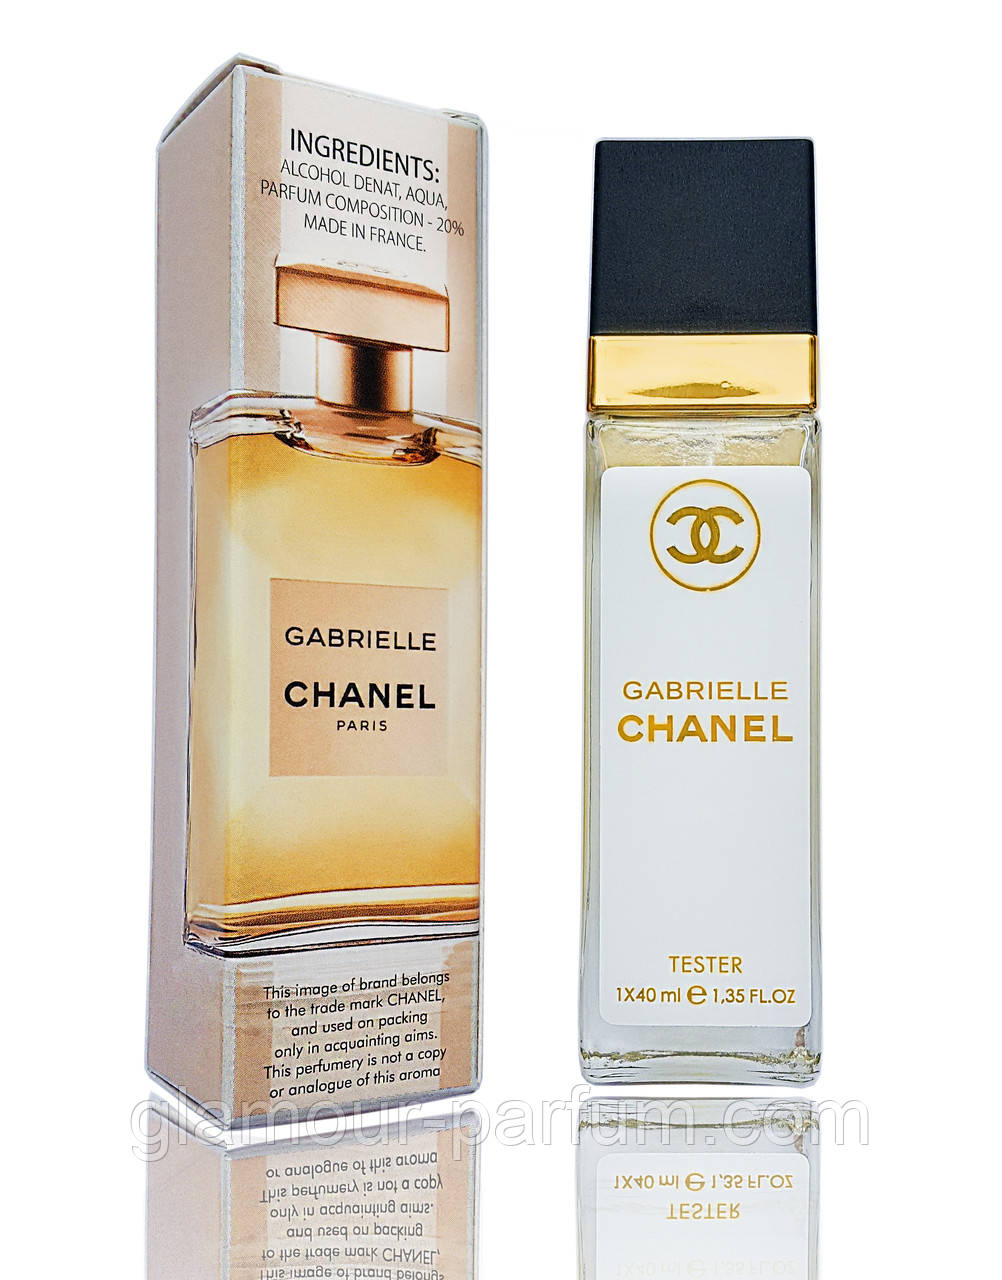 купить Chanel Gabrielle шанель габриель 40мл реплика по низкой